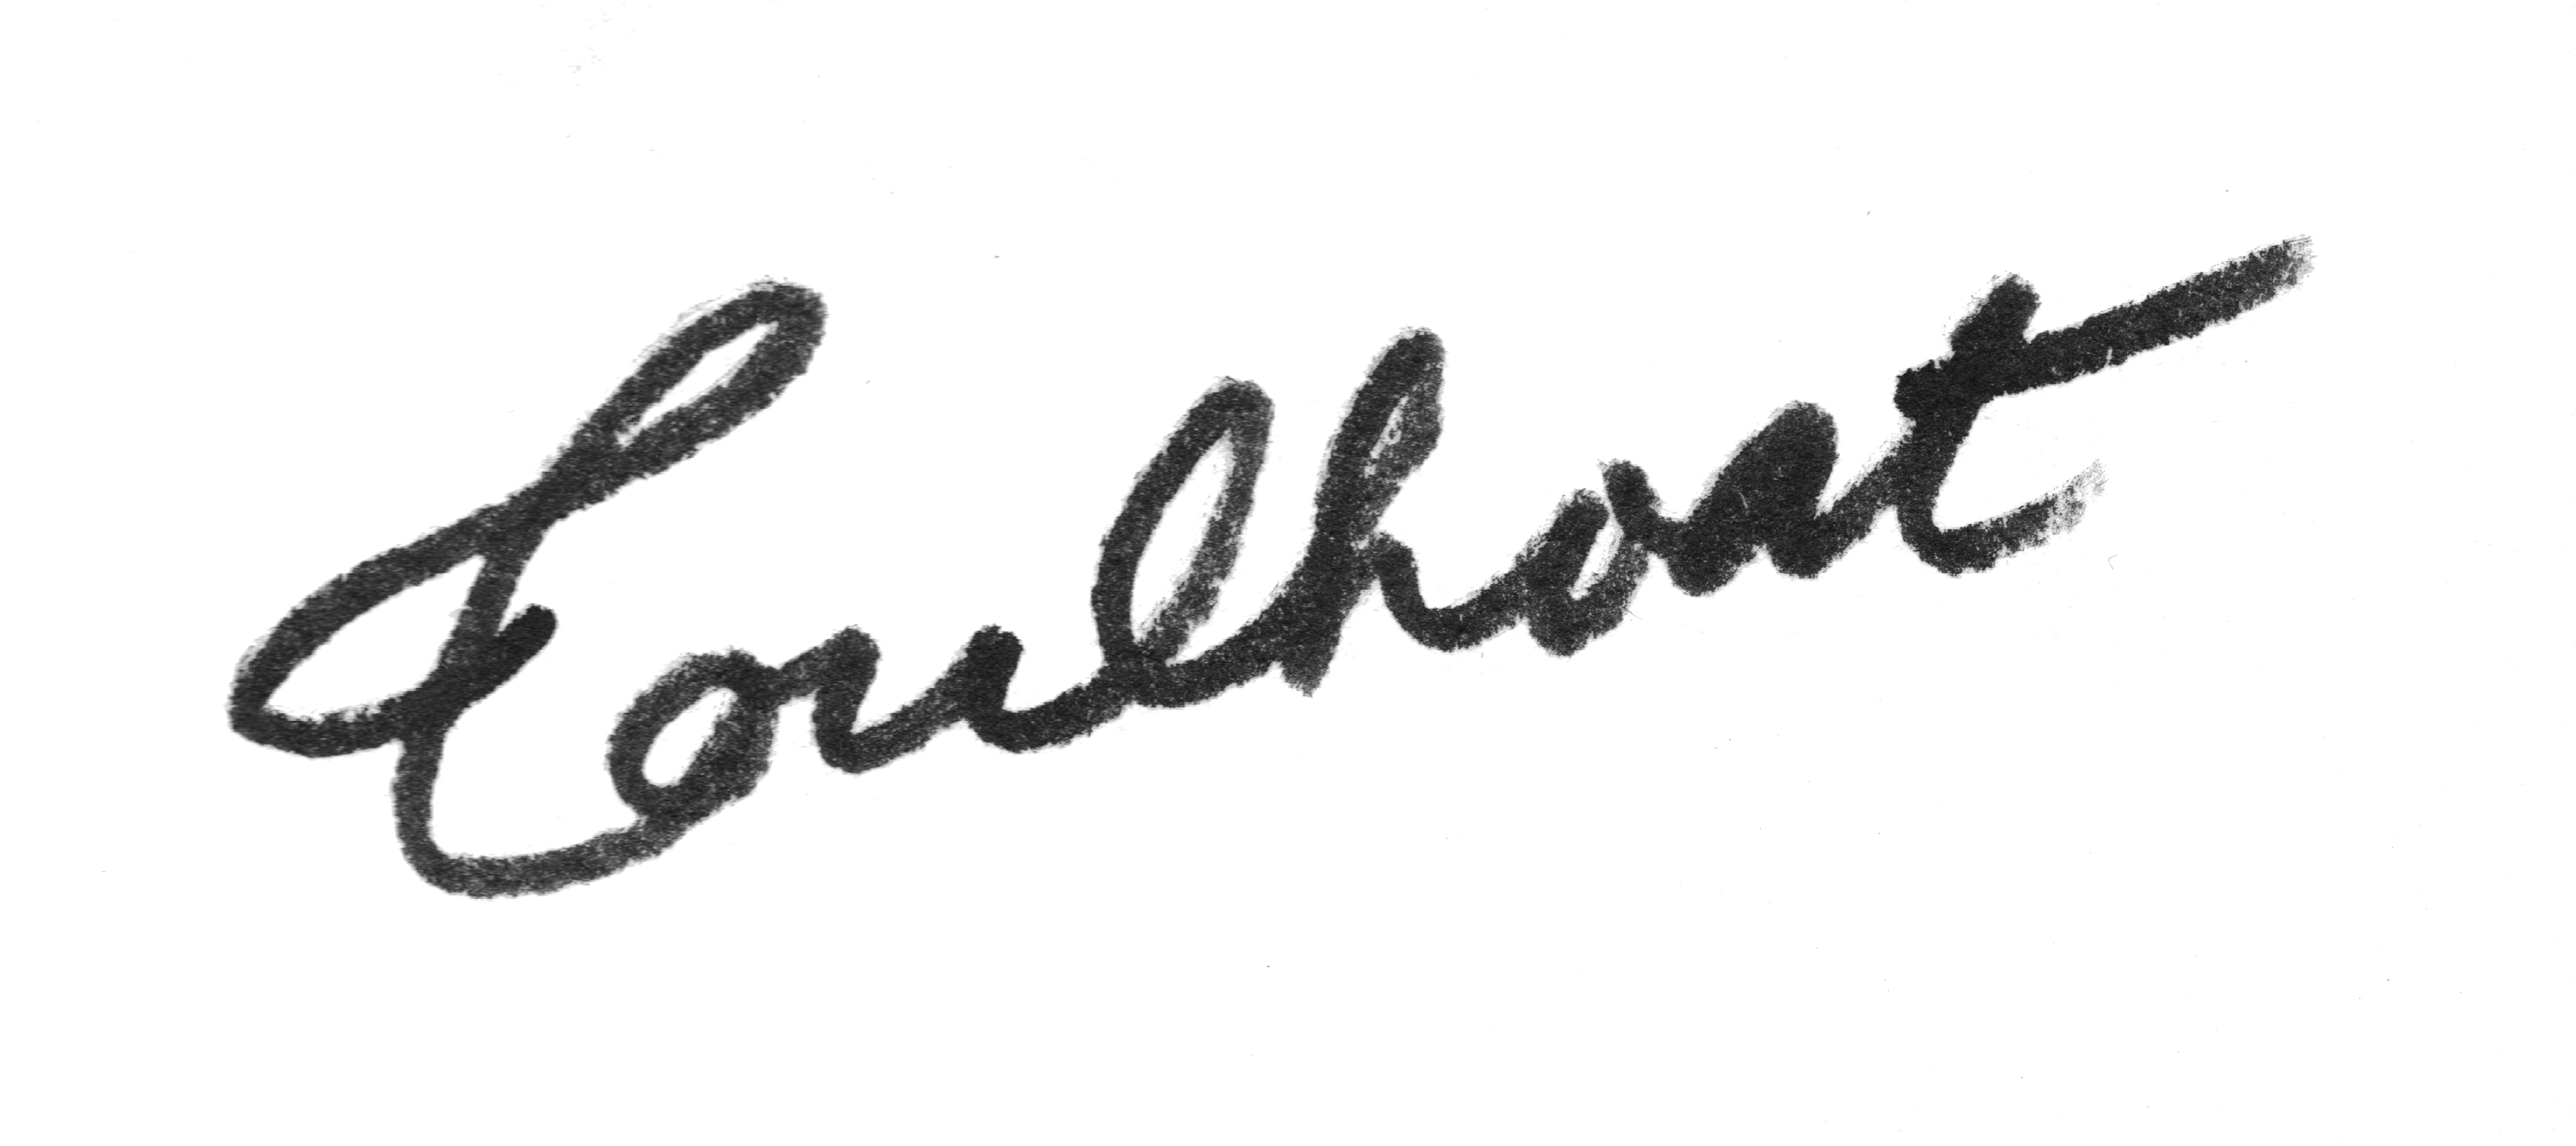 Hervé Toulhoat's Signature